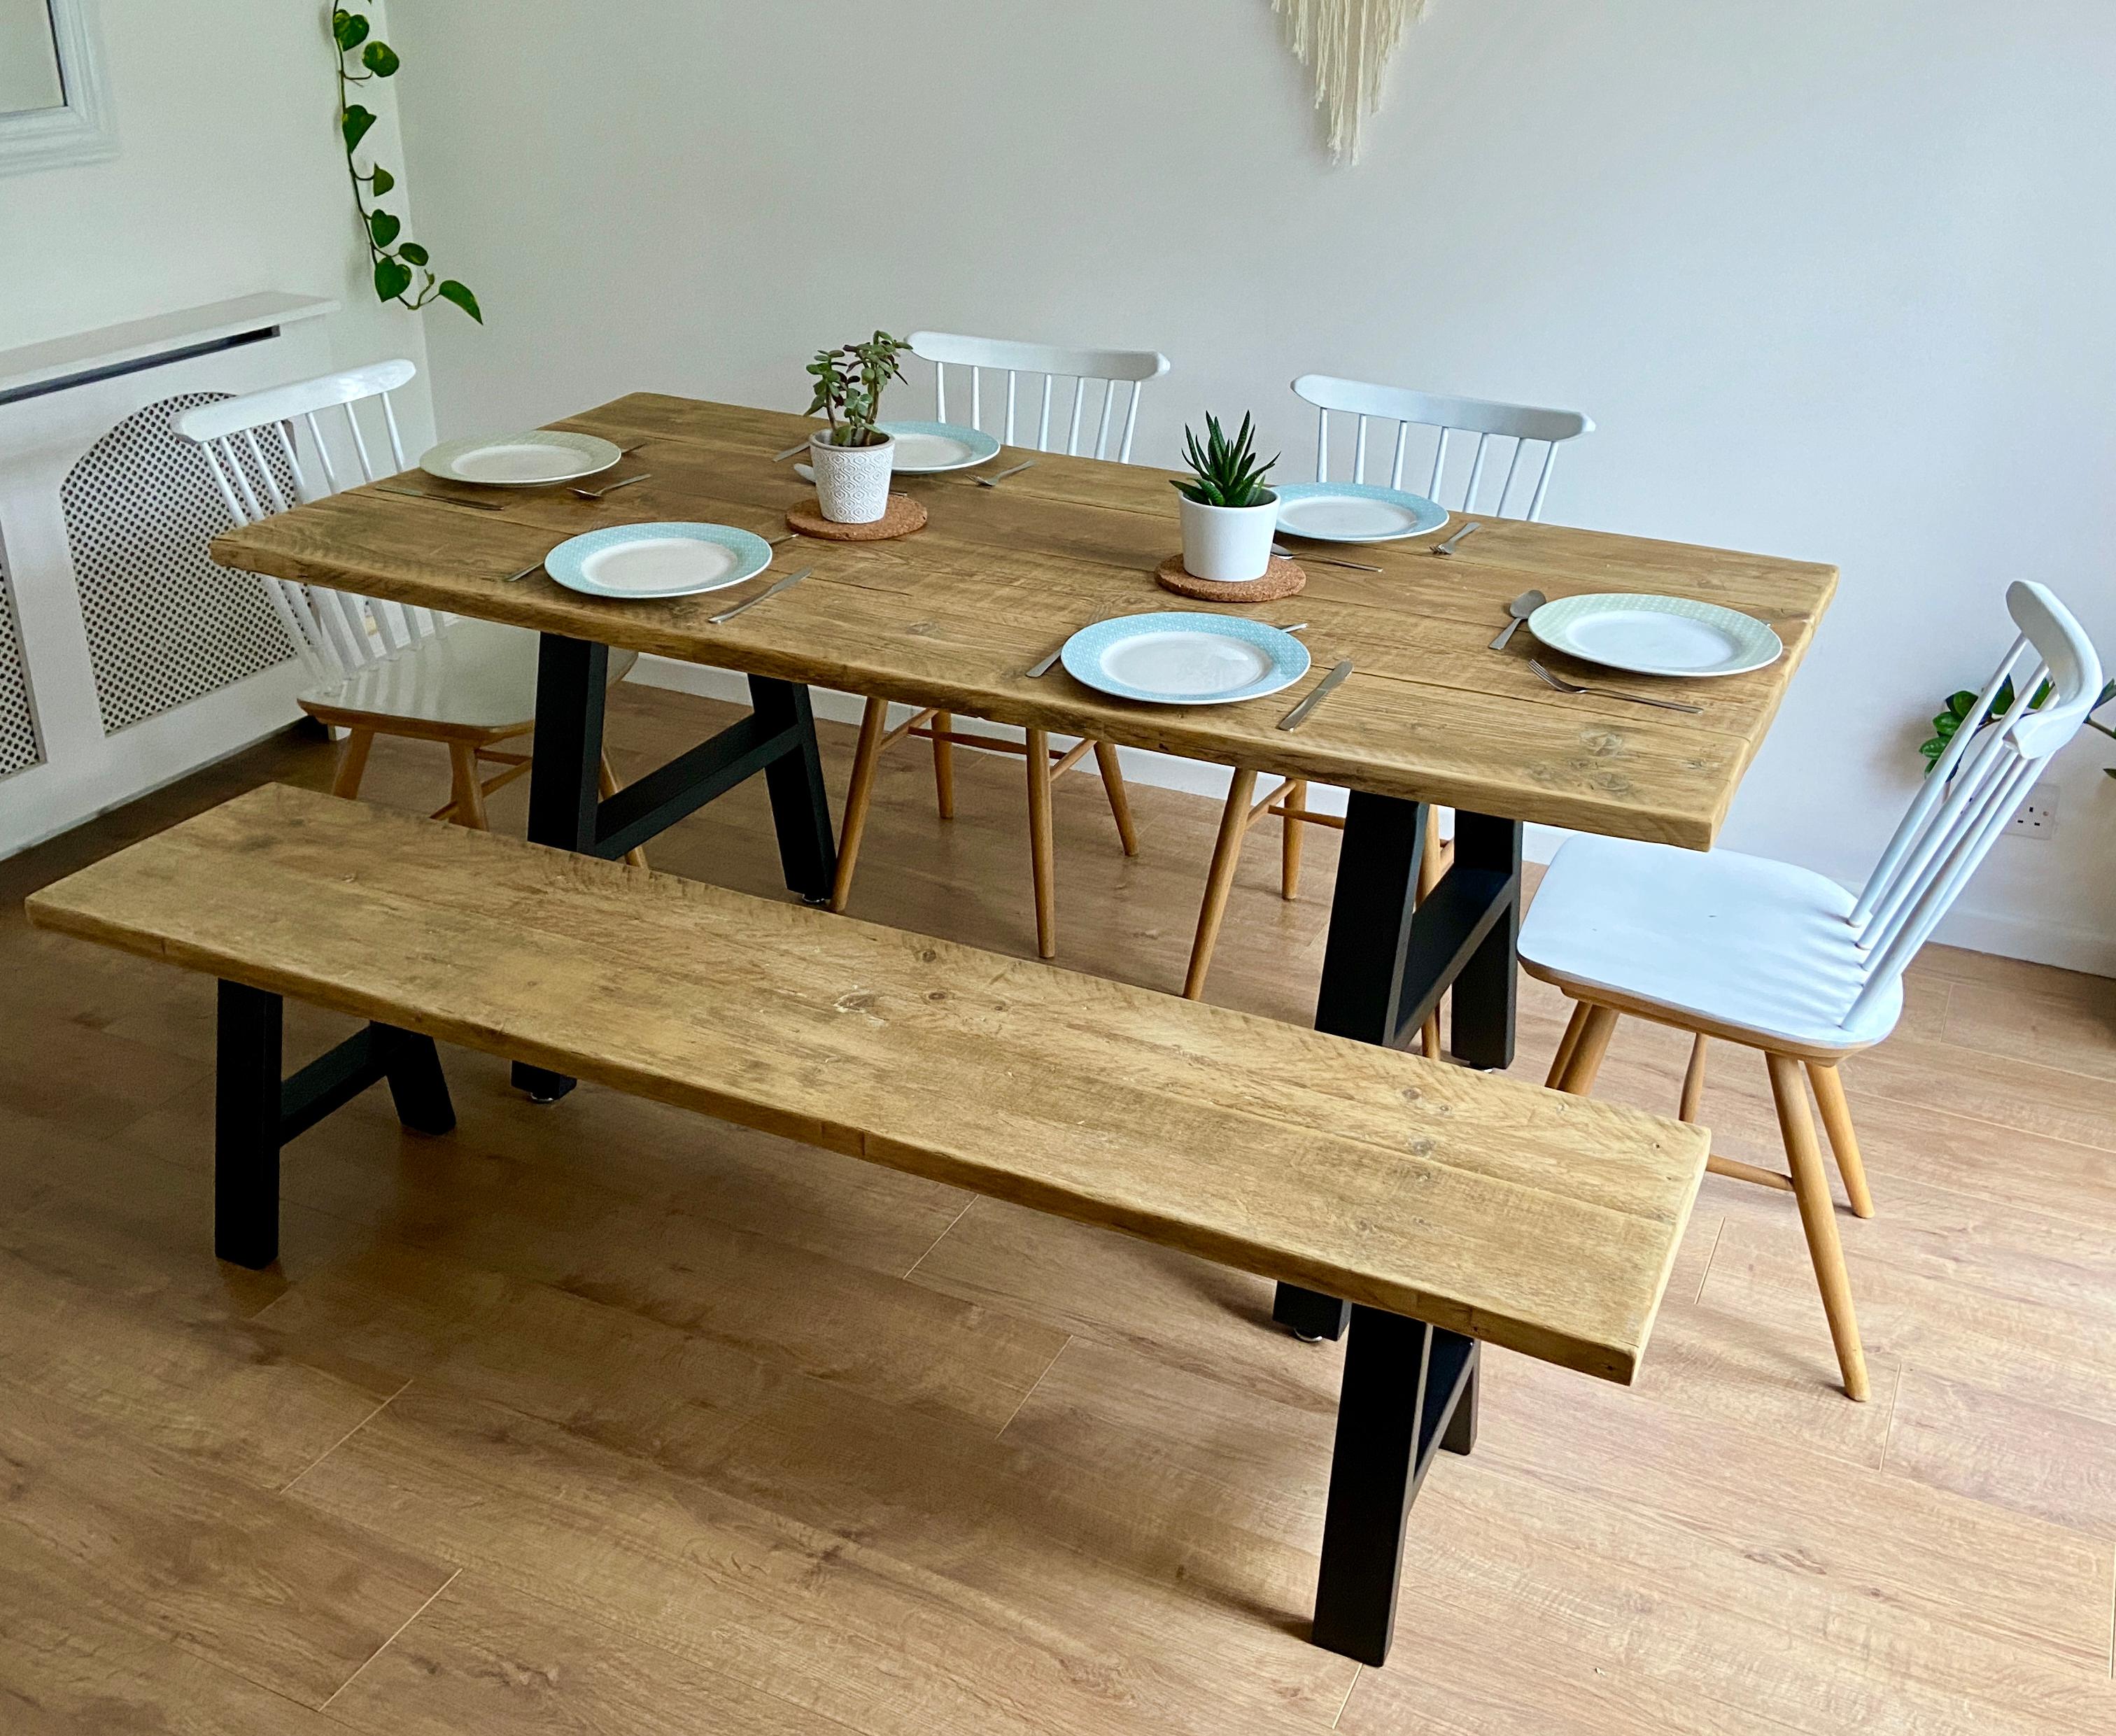 A frame dining sets